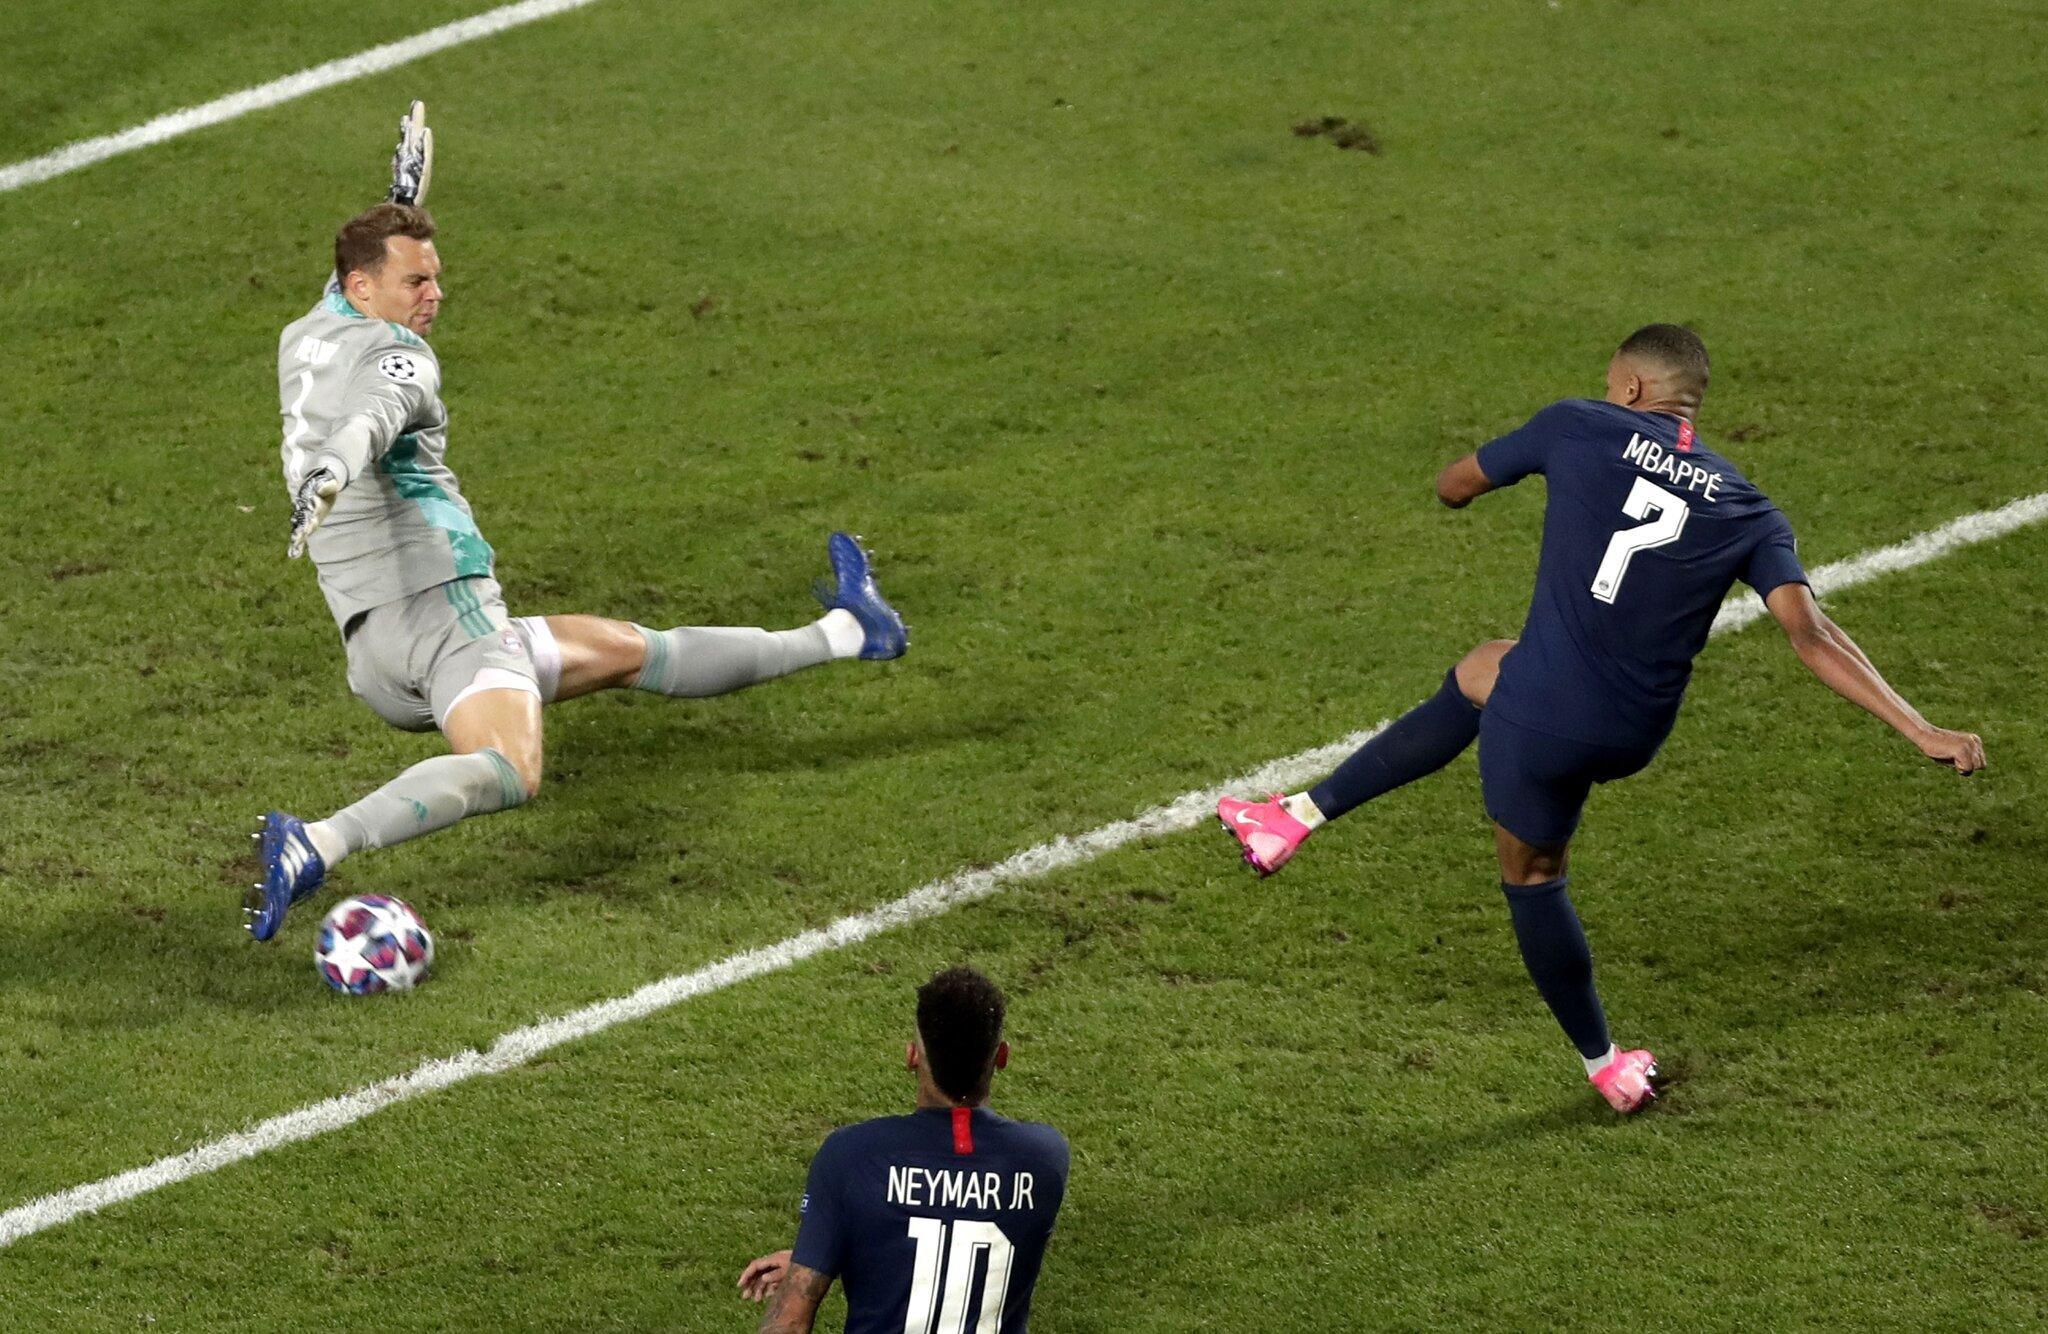 Chemistry, daya ledak Neymar dan Mbappe menjadi inspirasi membawa PSG ke final Liga Champions 2020, di mana mereka hanya kalah 0-1 dari Bayern.  Foto: New York Times